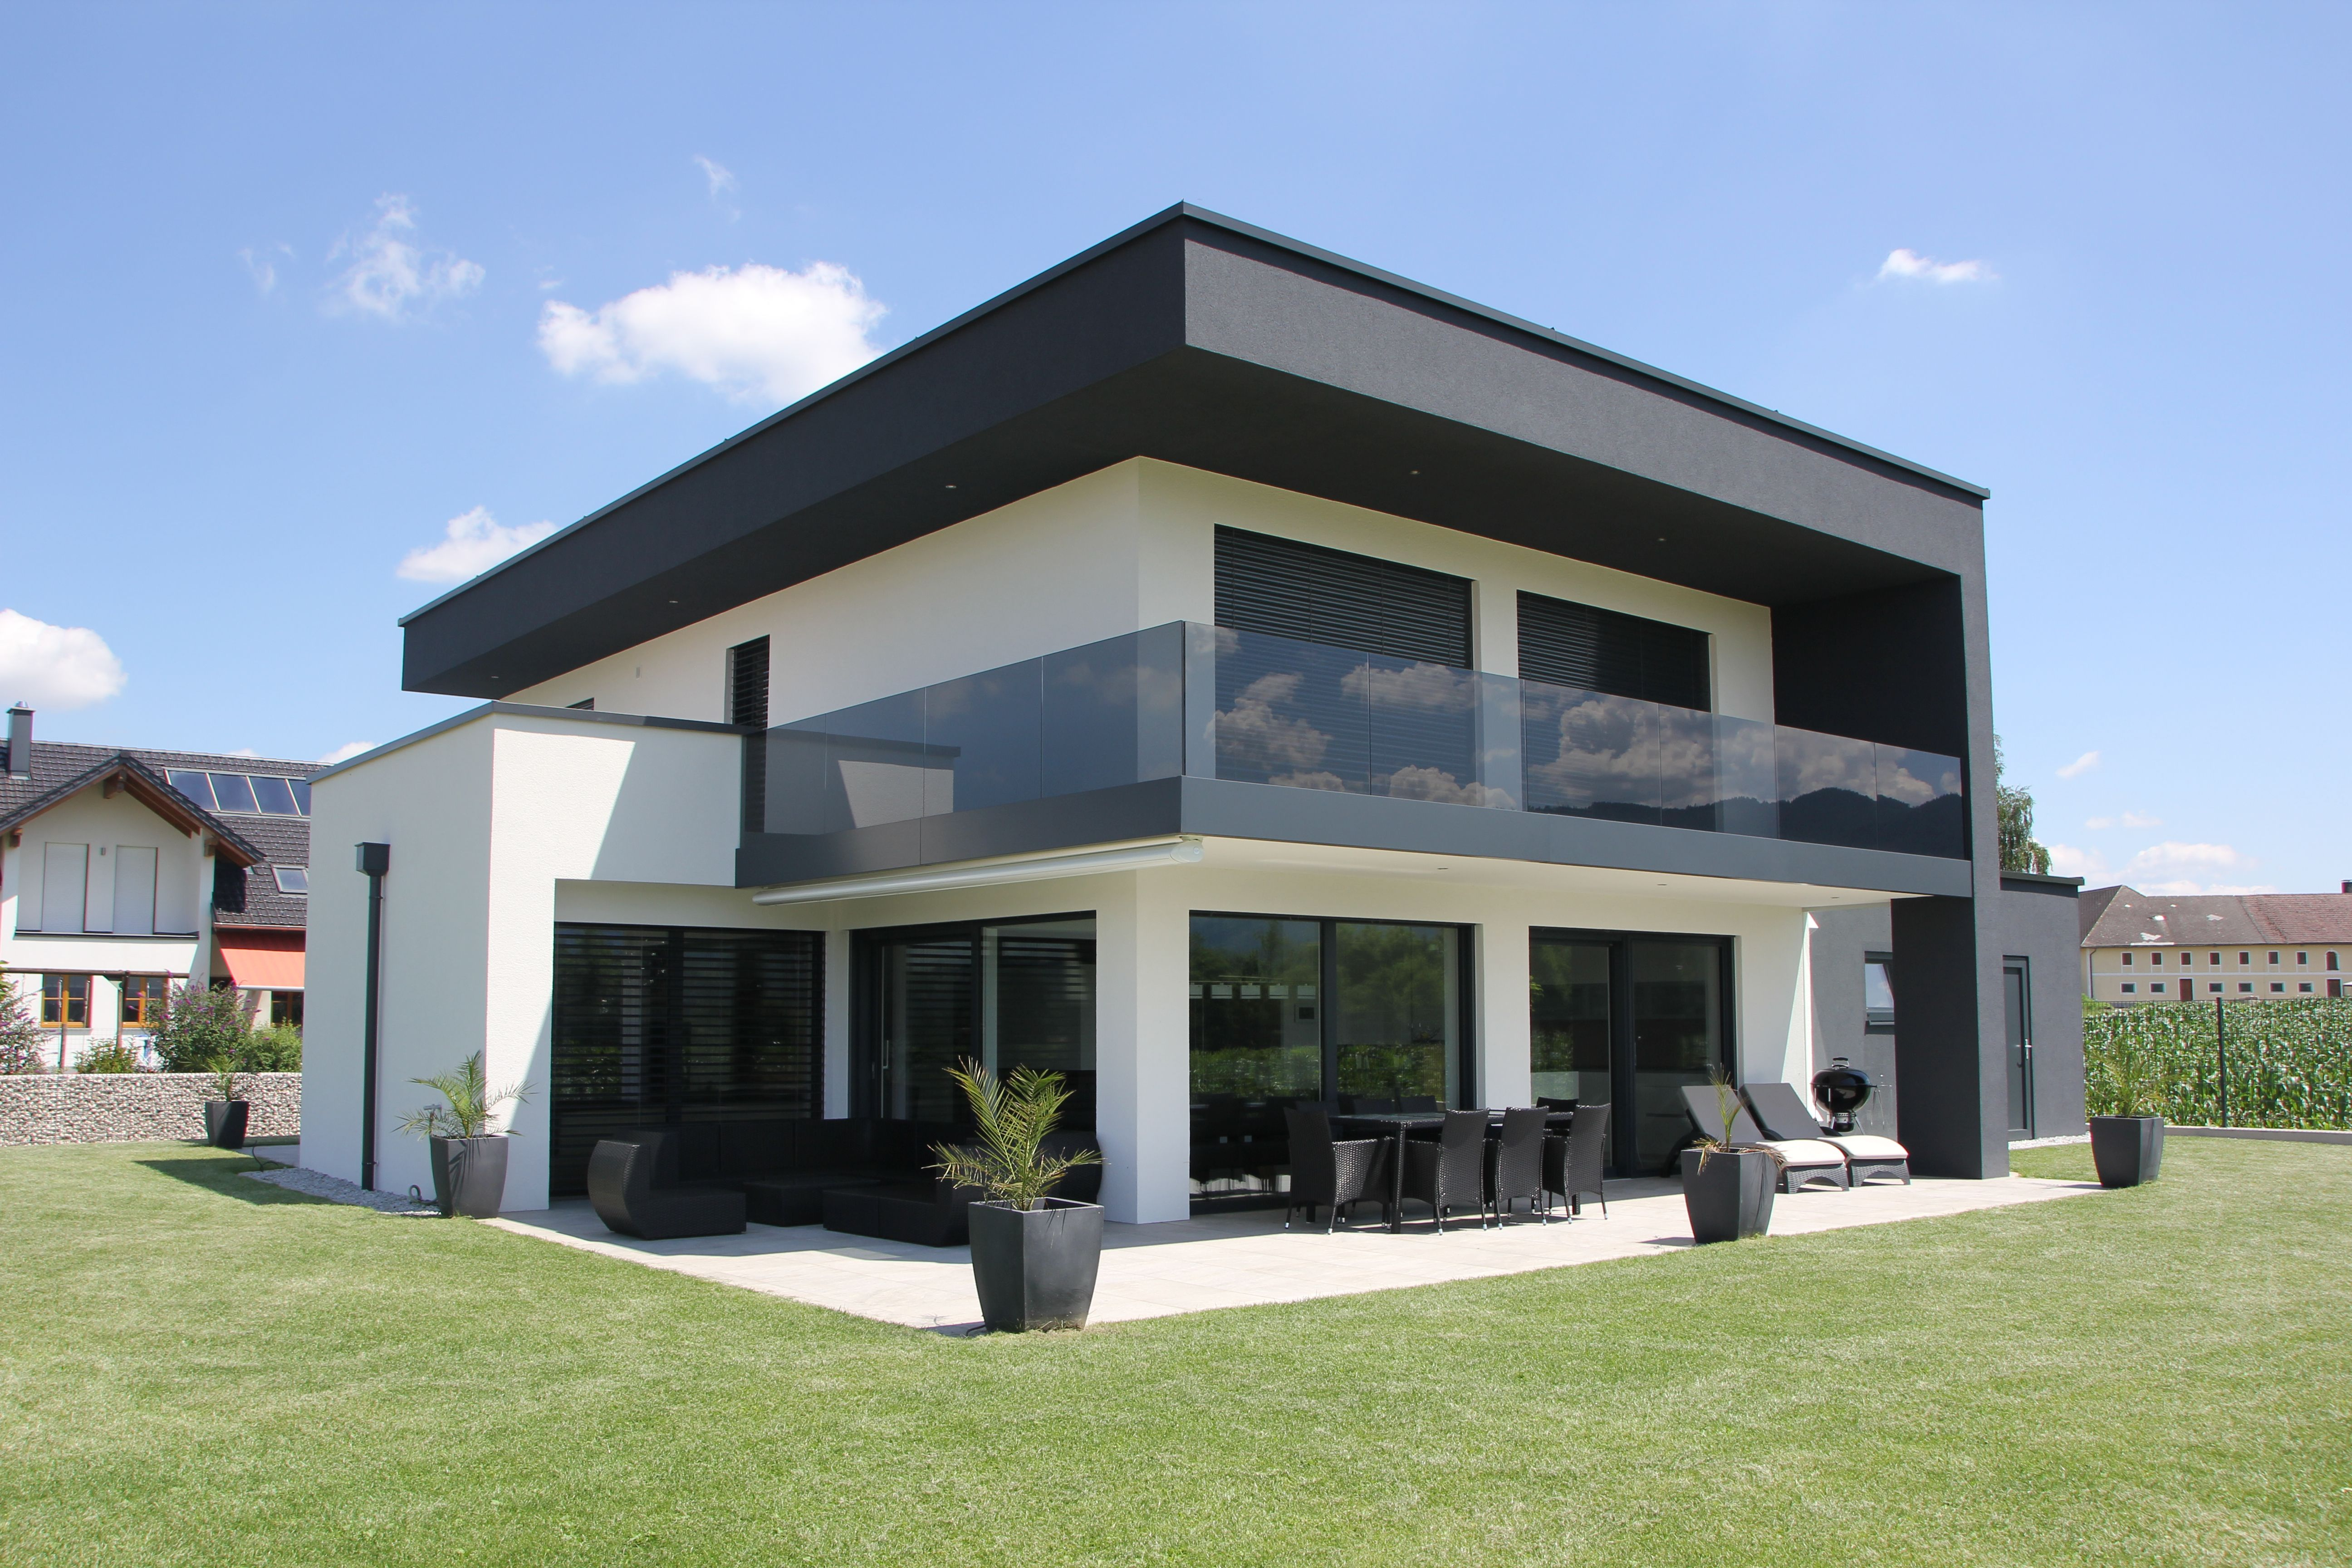 das moderne ziegelhaus von austrohaus haus pinterest h uschen. Black Bedroom Furniture Sets. Home Design Ideas